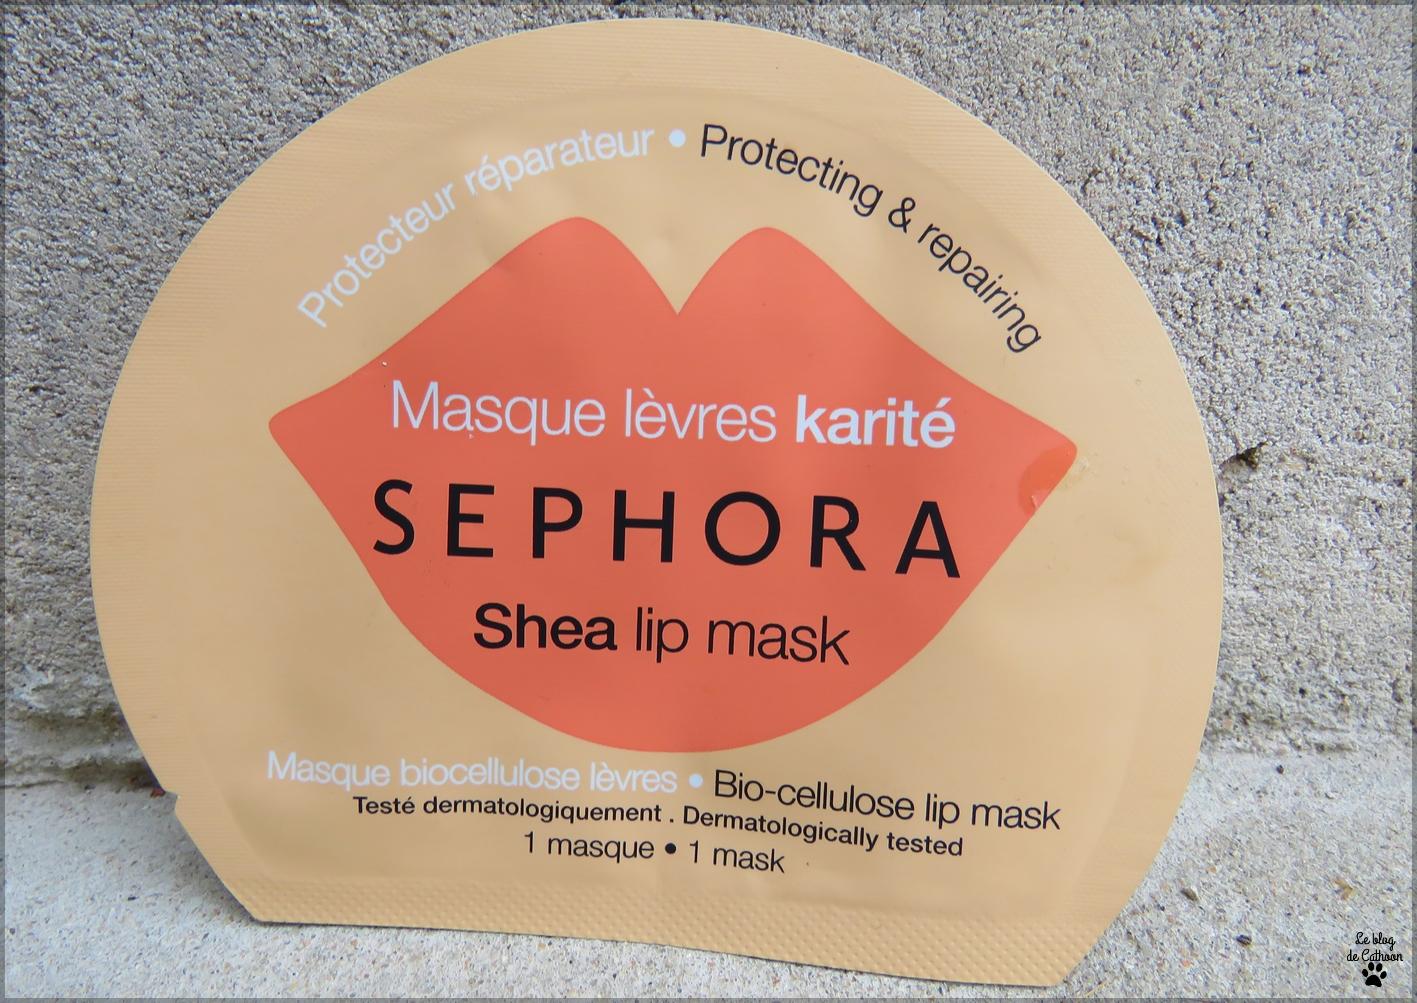 Masque Lèvres - Karité - Sephora